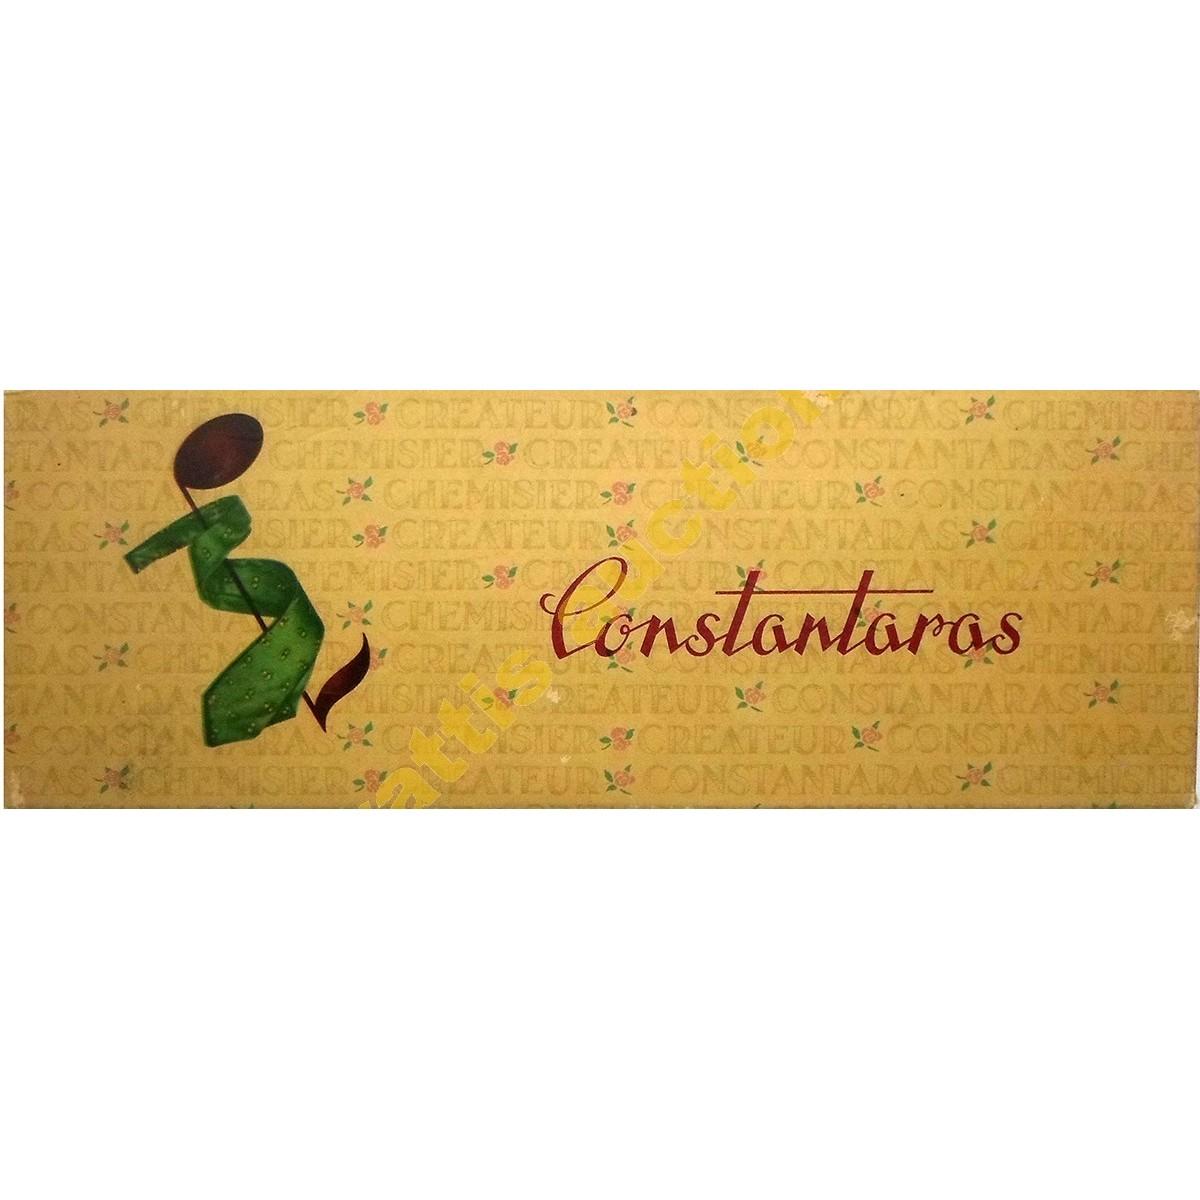 Constantaras, χάρτινο κουτί.